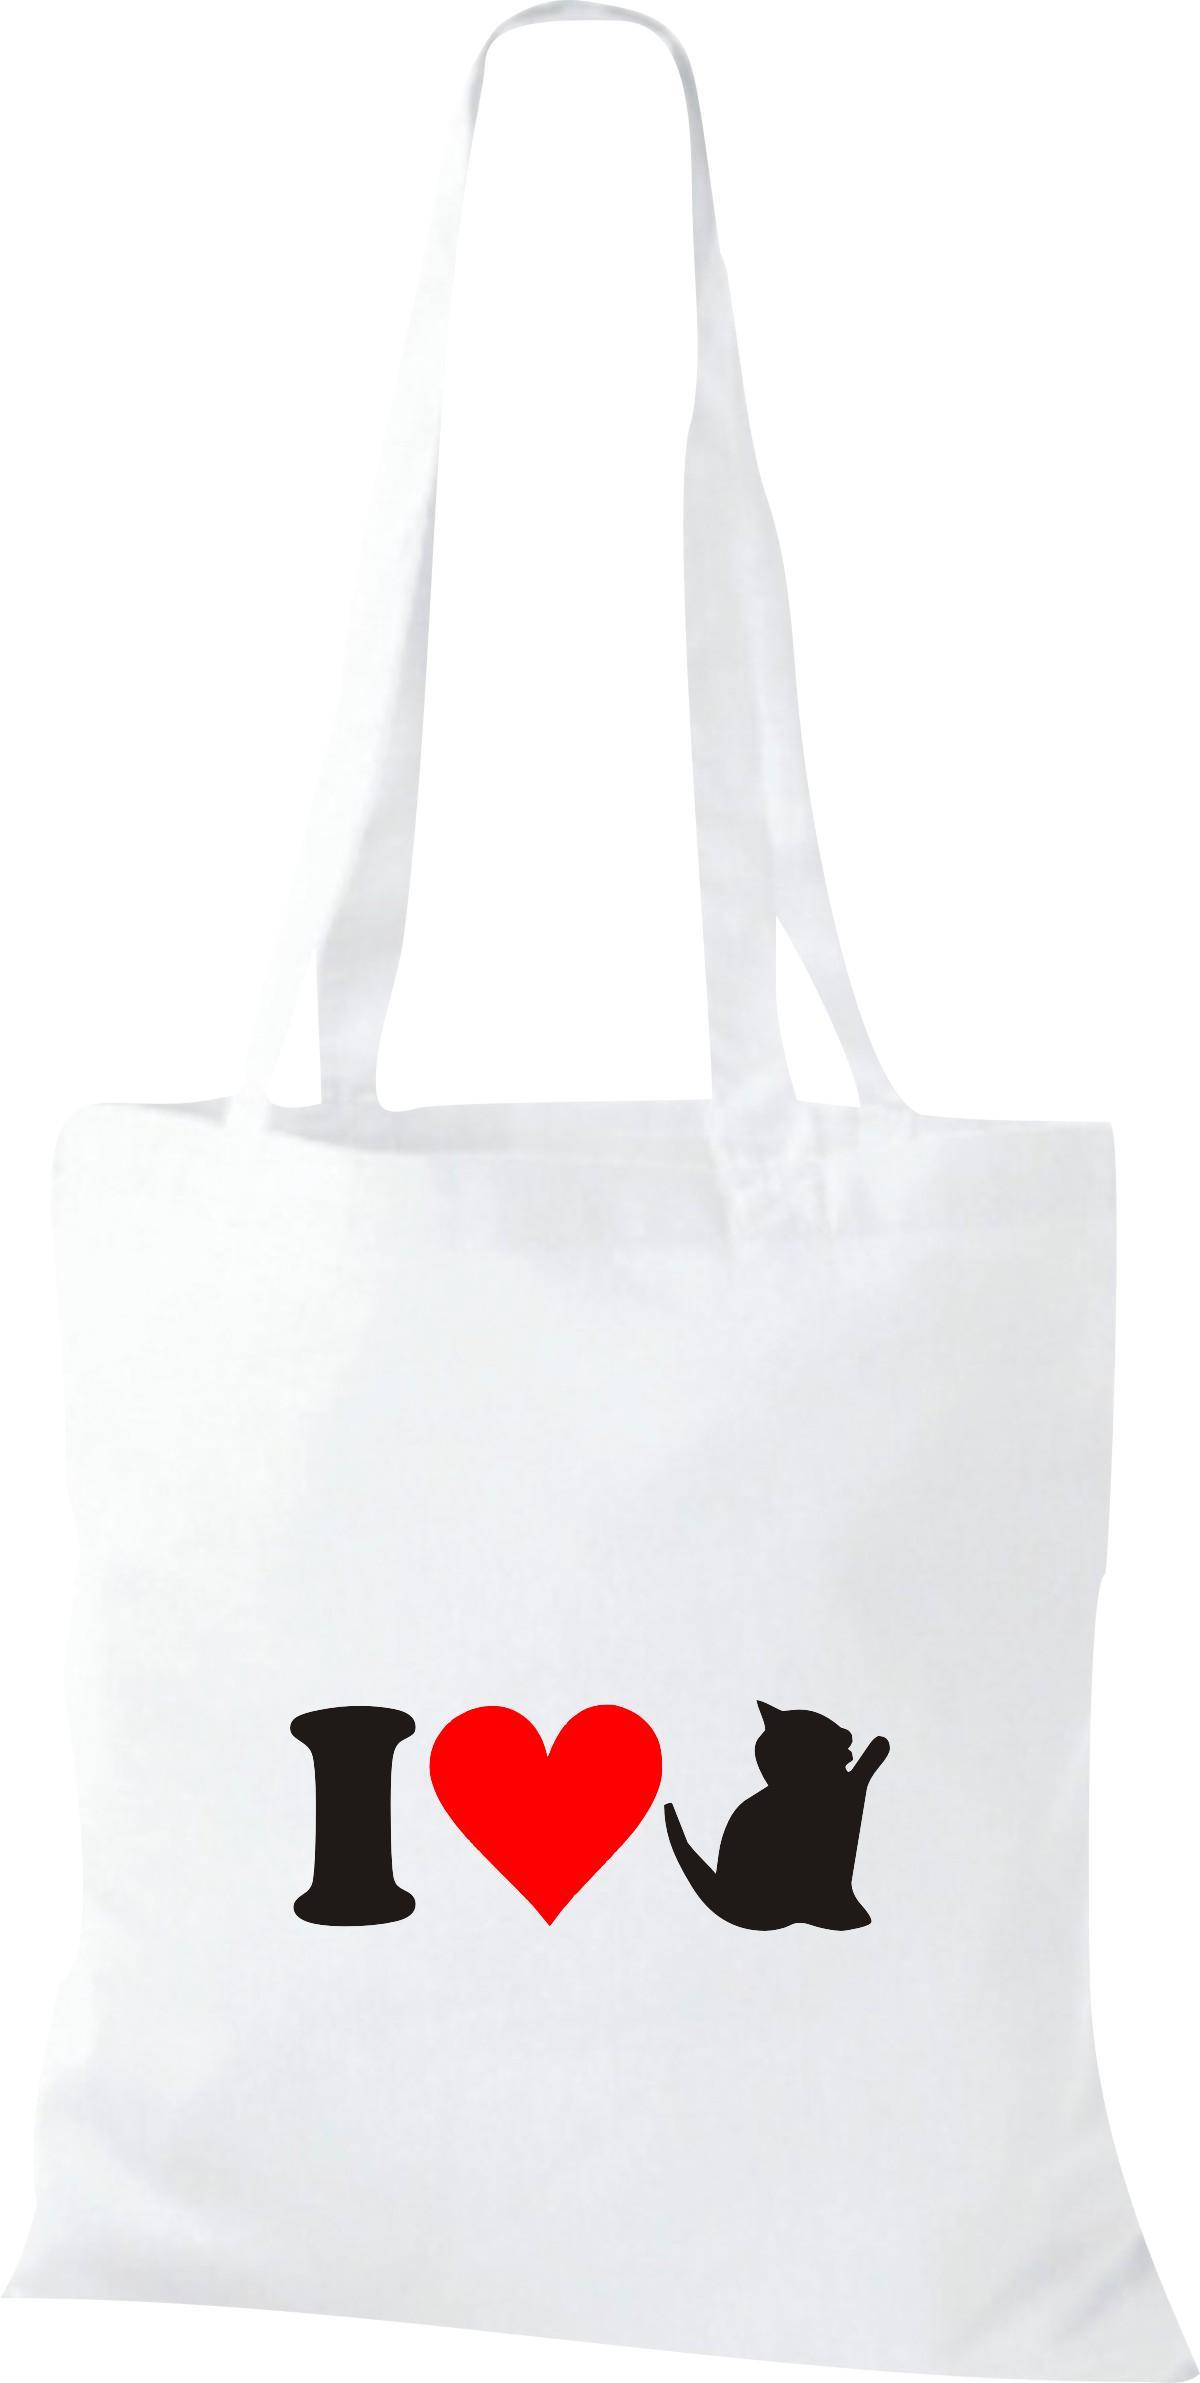 Stoffbeutel I Love Katze Tiere Tiermotive Naturkult, Baumwolltasche viele Farben